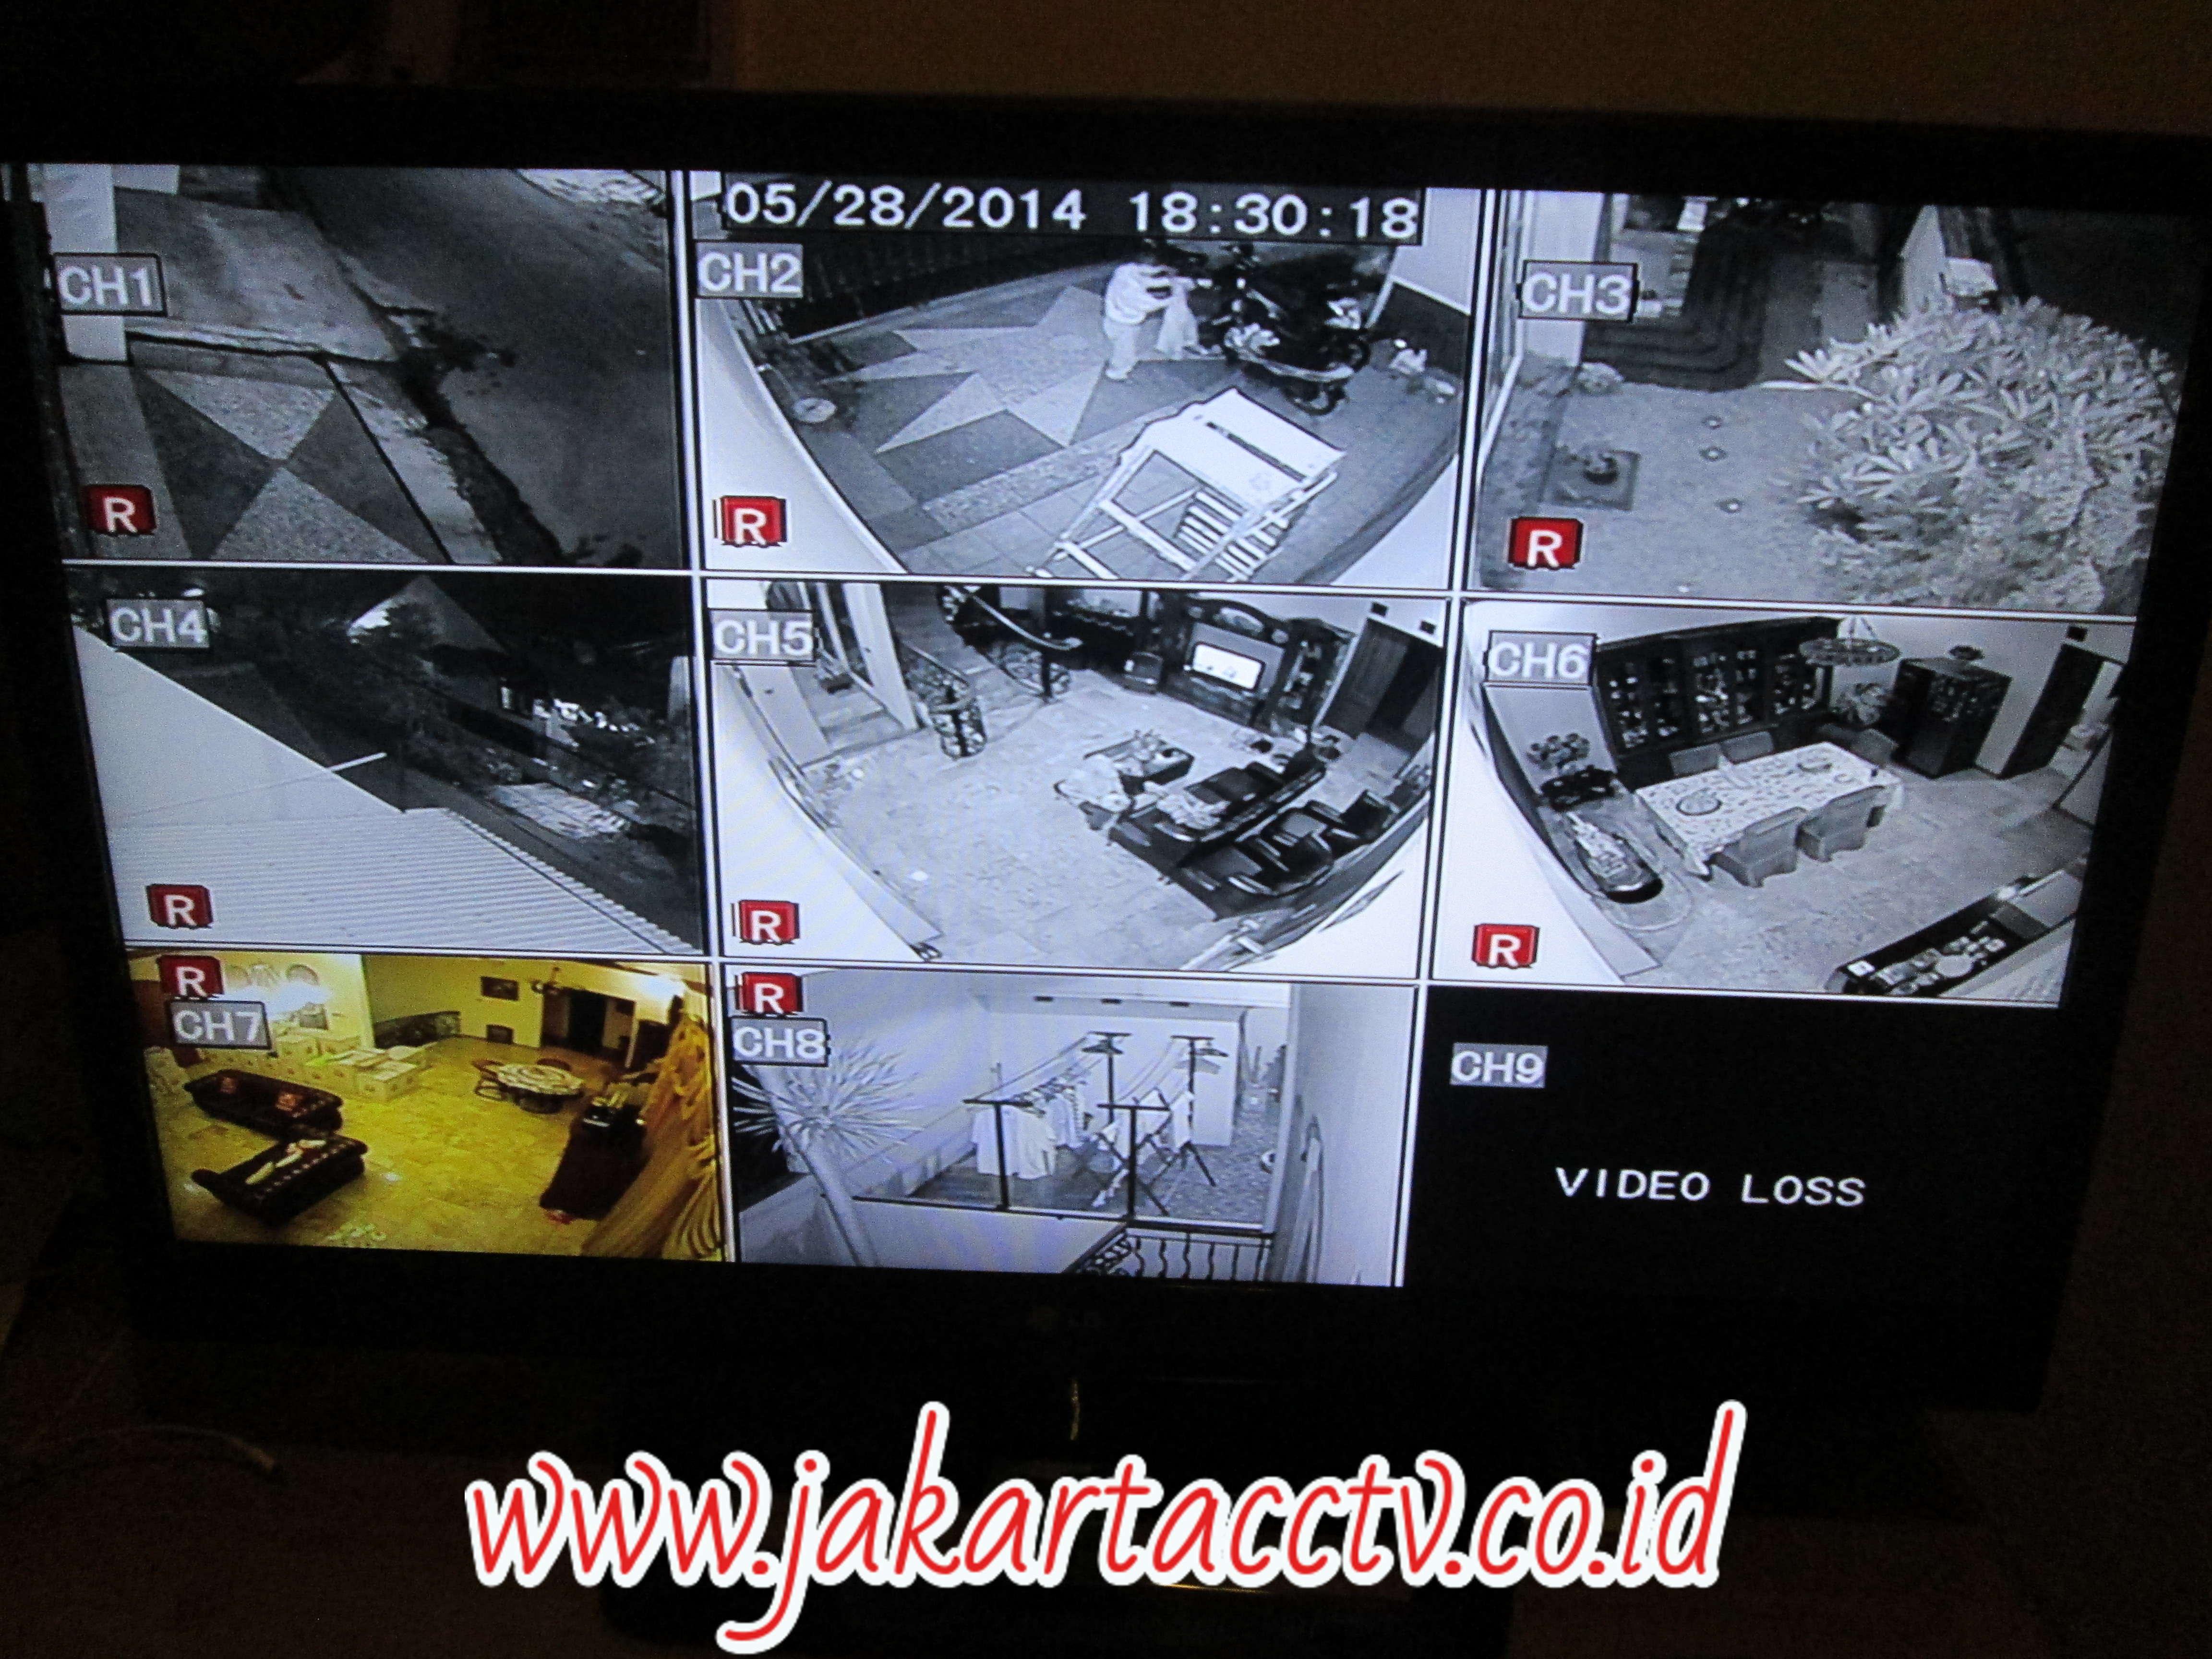 Layar CCTV